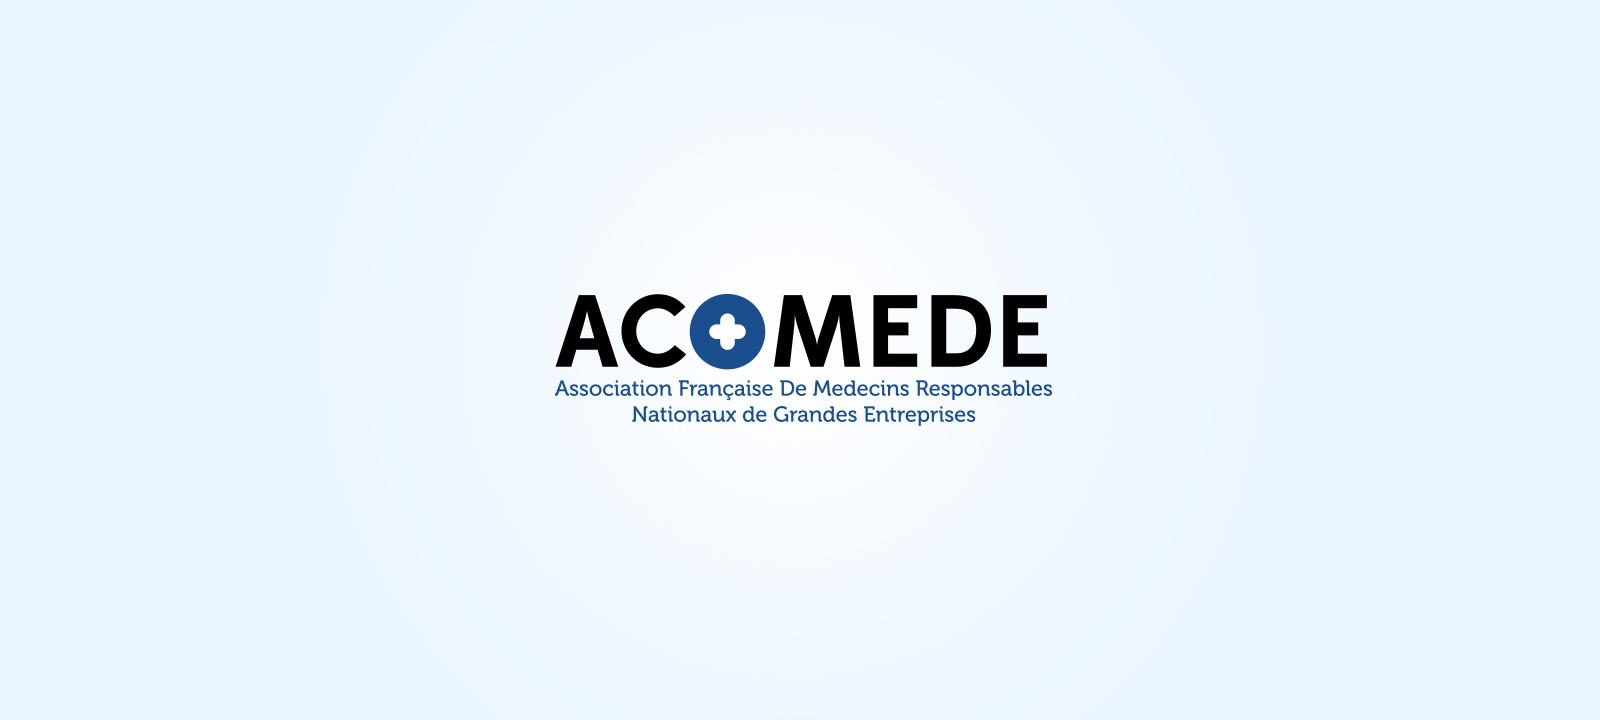 acomede_board